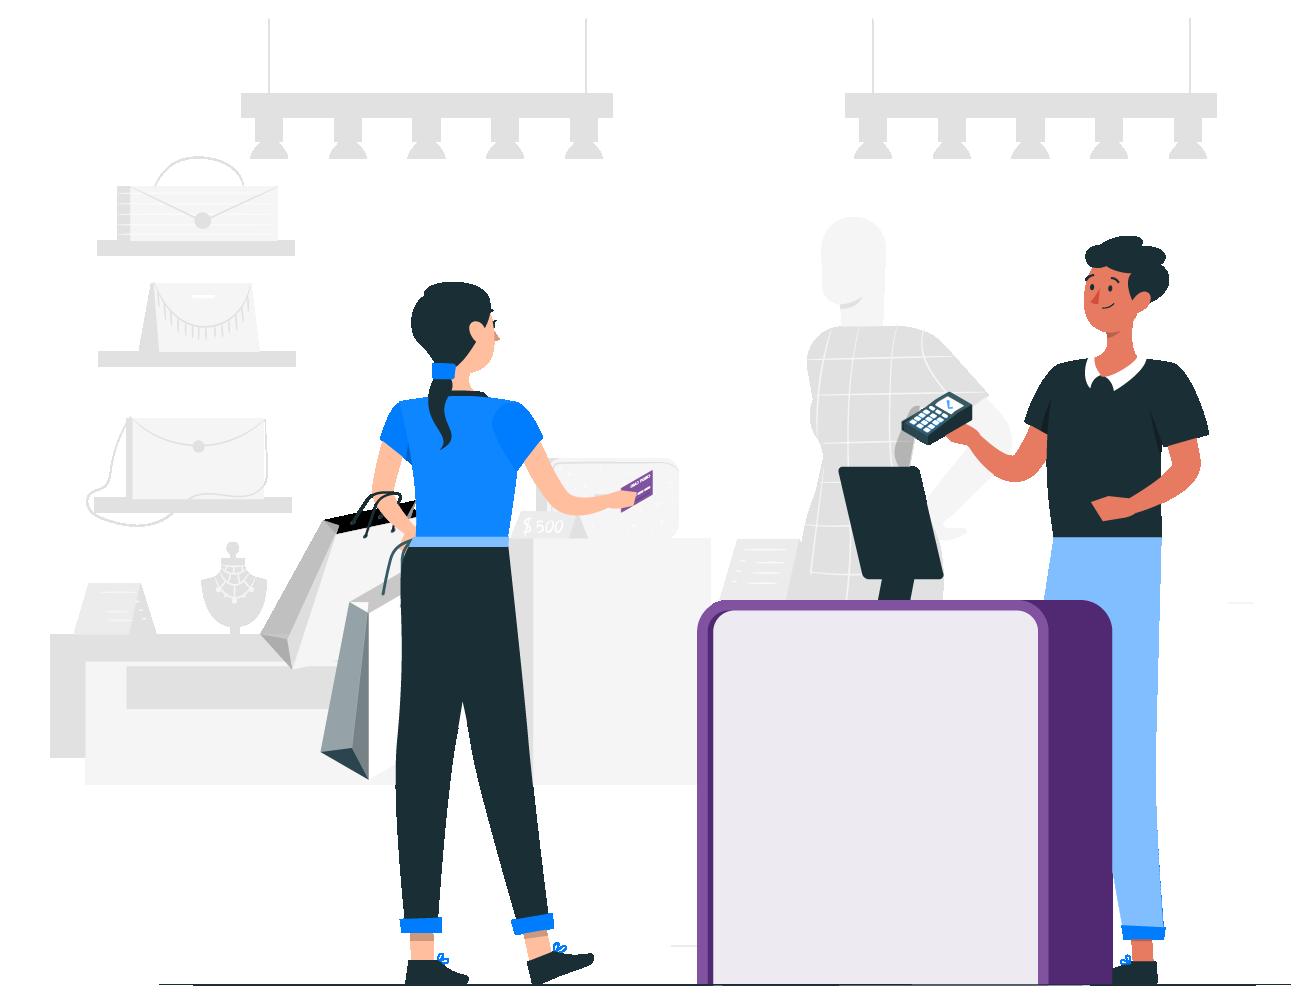 ilustración de pago con terminal